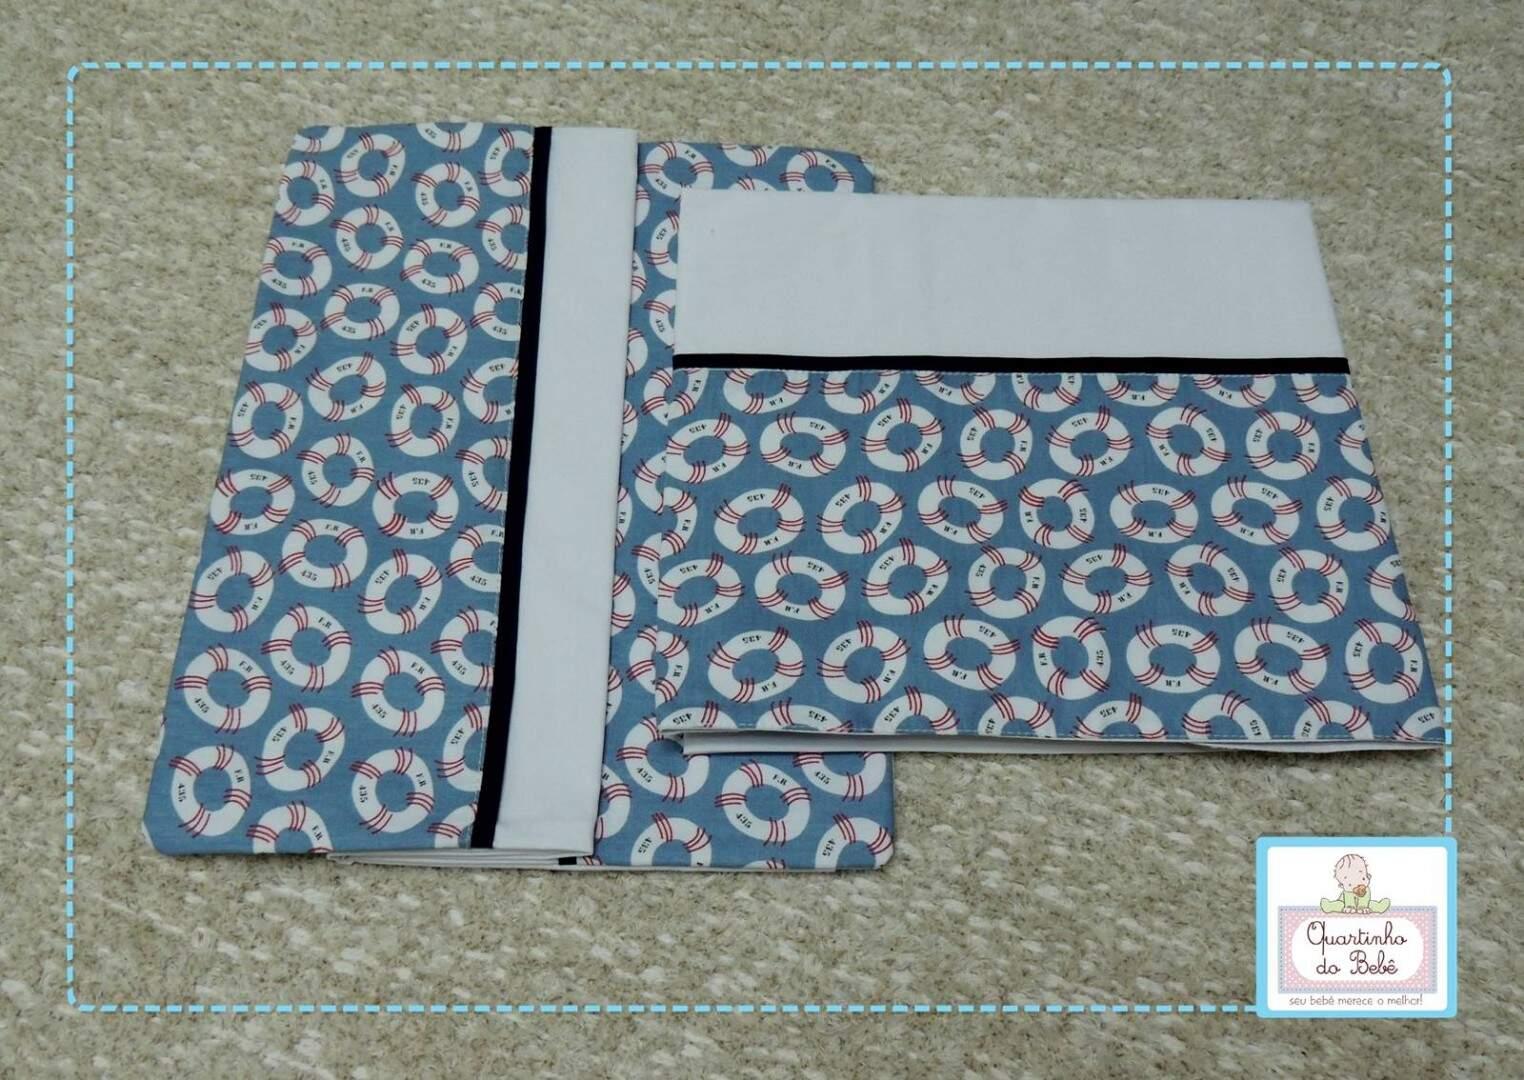 7fc4396fa Conjunto de Lençol para Carrinho Boia Vanessa Guimarães 1043420- 3 Peças